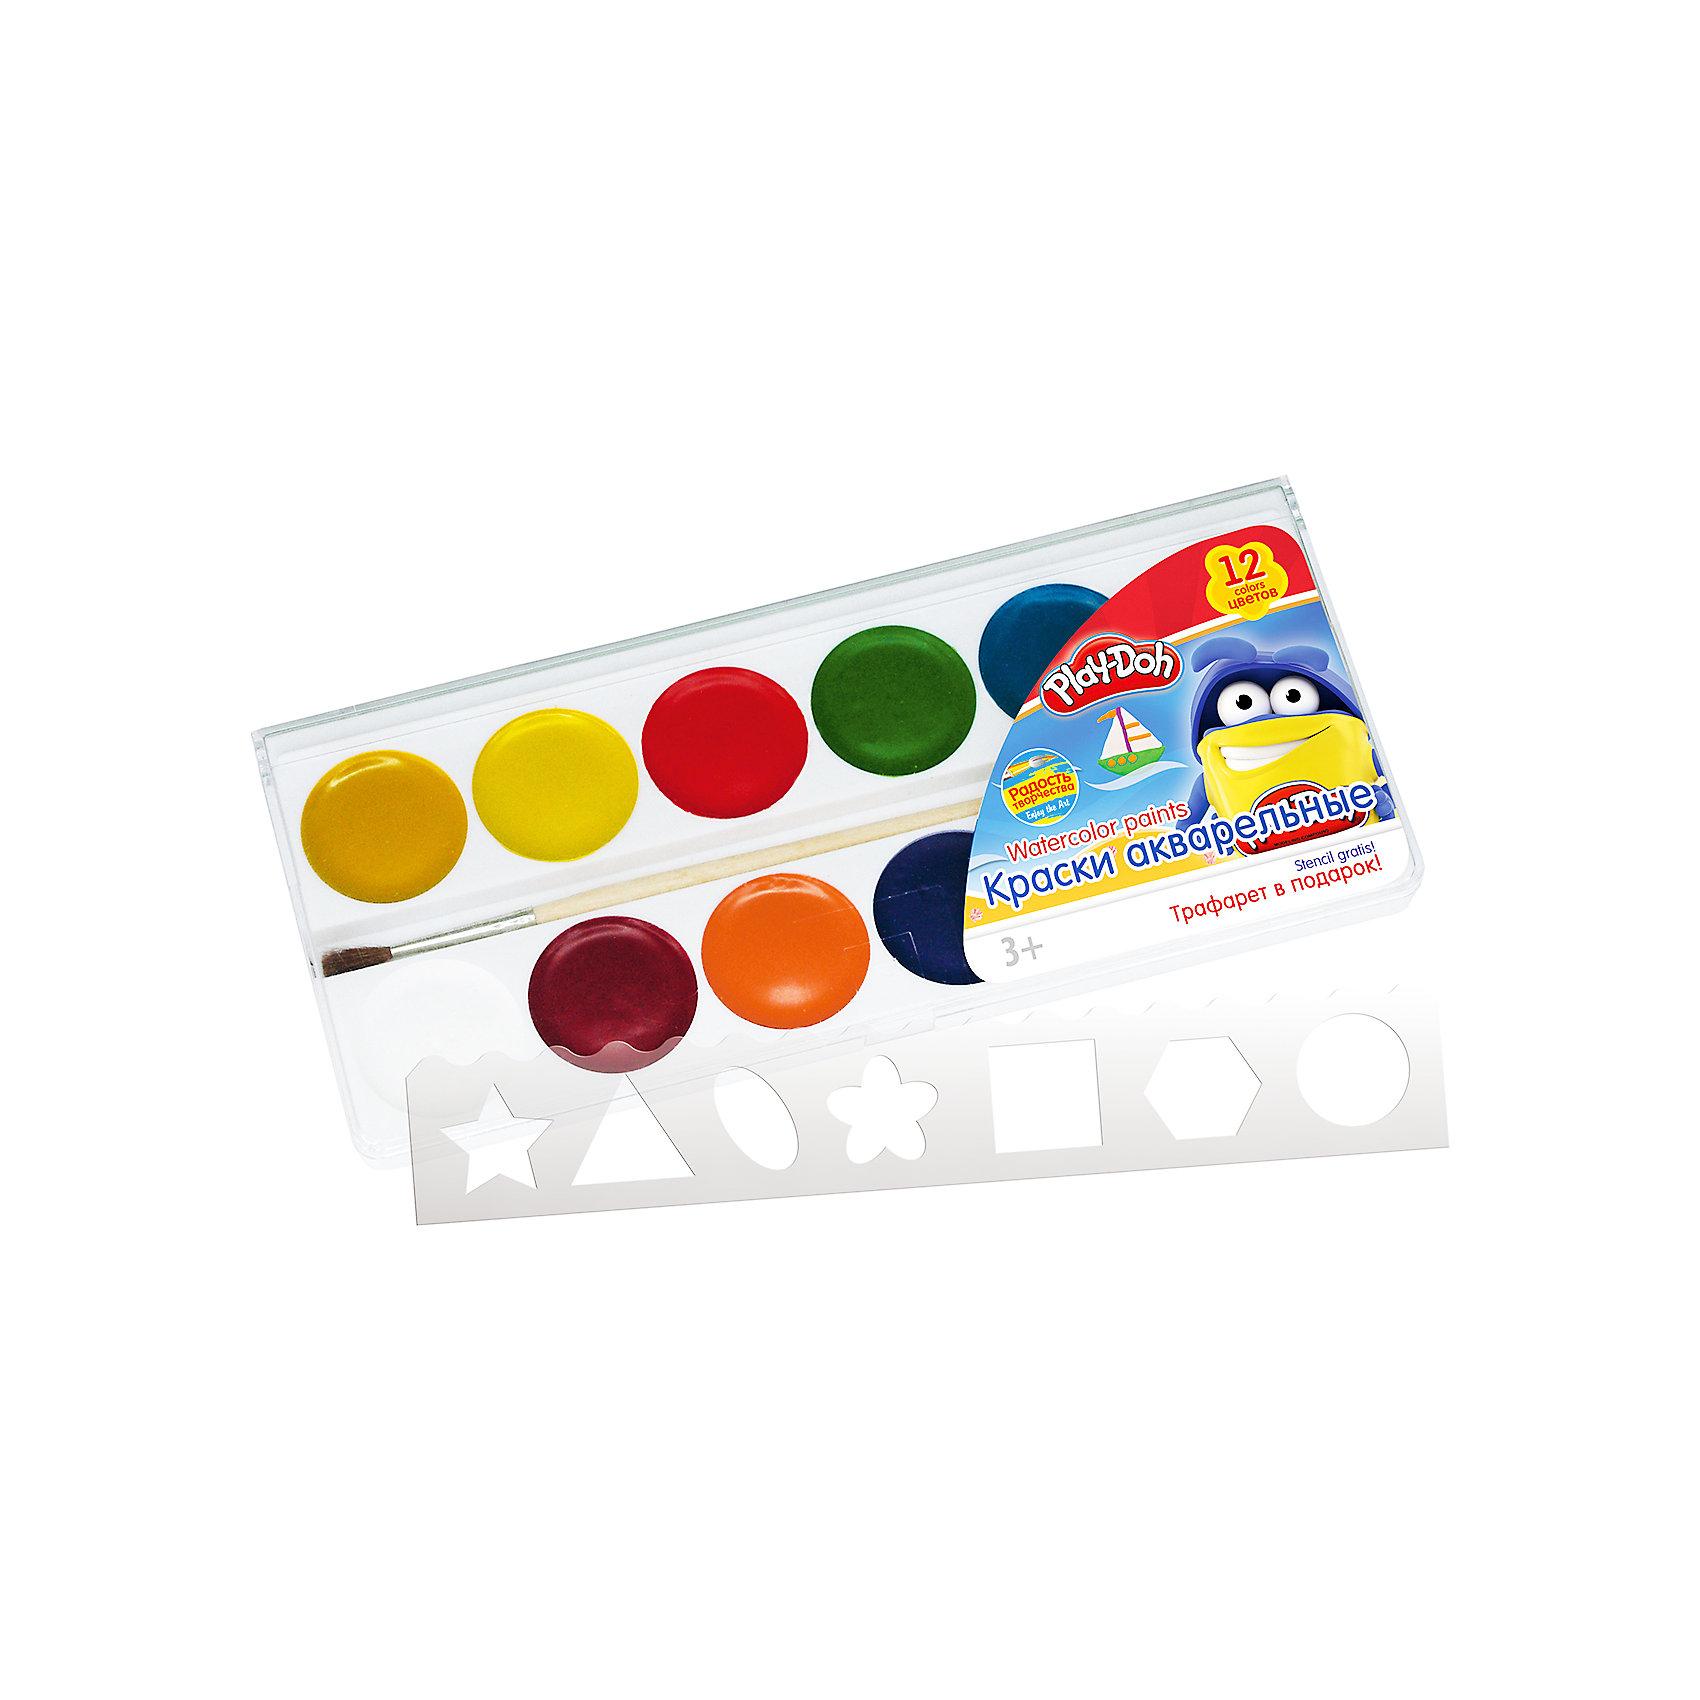 Акварельные медовые краски 12 цветов, Play-DohКраски акварельные (медовые)  12 цветов, кисть, пластиковый трафарет. Упаковка  пластиковая коробка с прозрачной крышкой и стикером. Размер 18,6 х 8,1 х 1,2 см. Play Doh<br><br>Ширина мм: 186<br>Глубина мм: 81<br>Высота мм: 12<br>Вес г: 95<br>Возраст от месяцев: 36<br>Возраст до месяцев: 108<br>Пол: Унисекс<br>Возраст: Детский<br>SKU: 4614759